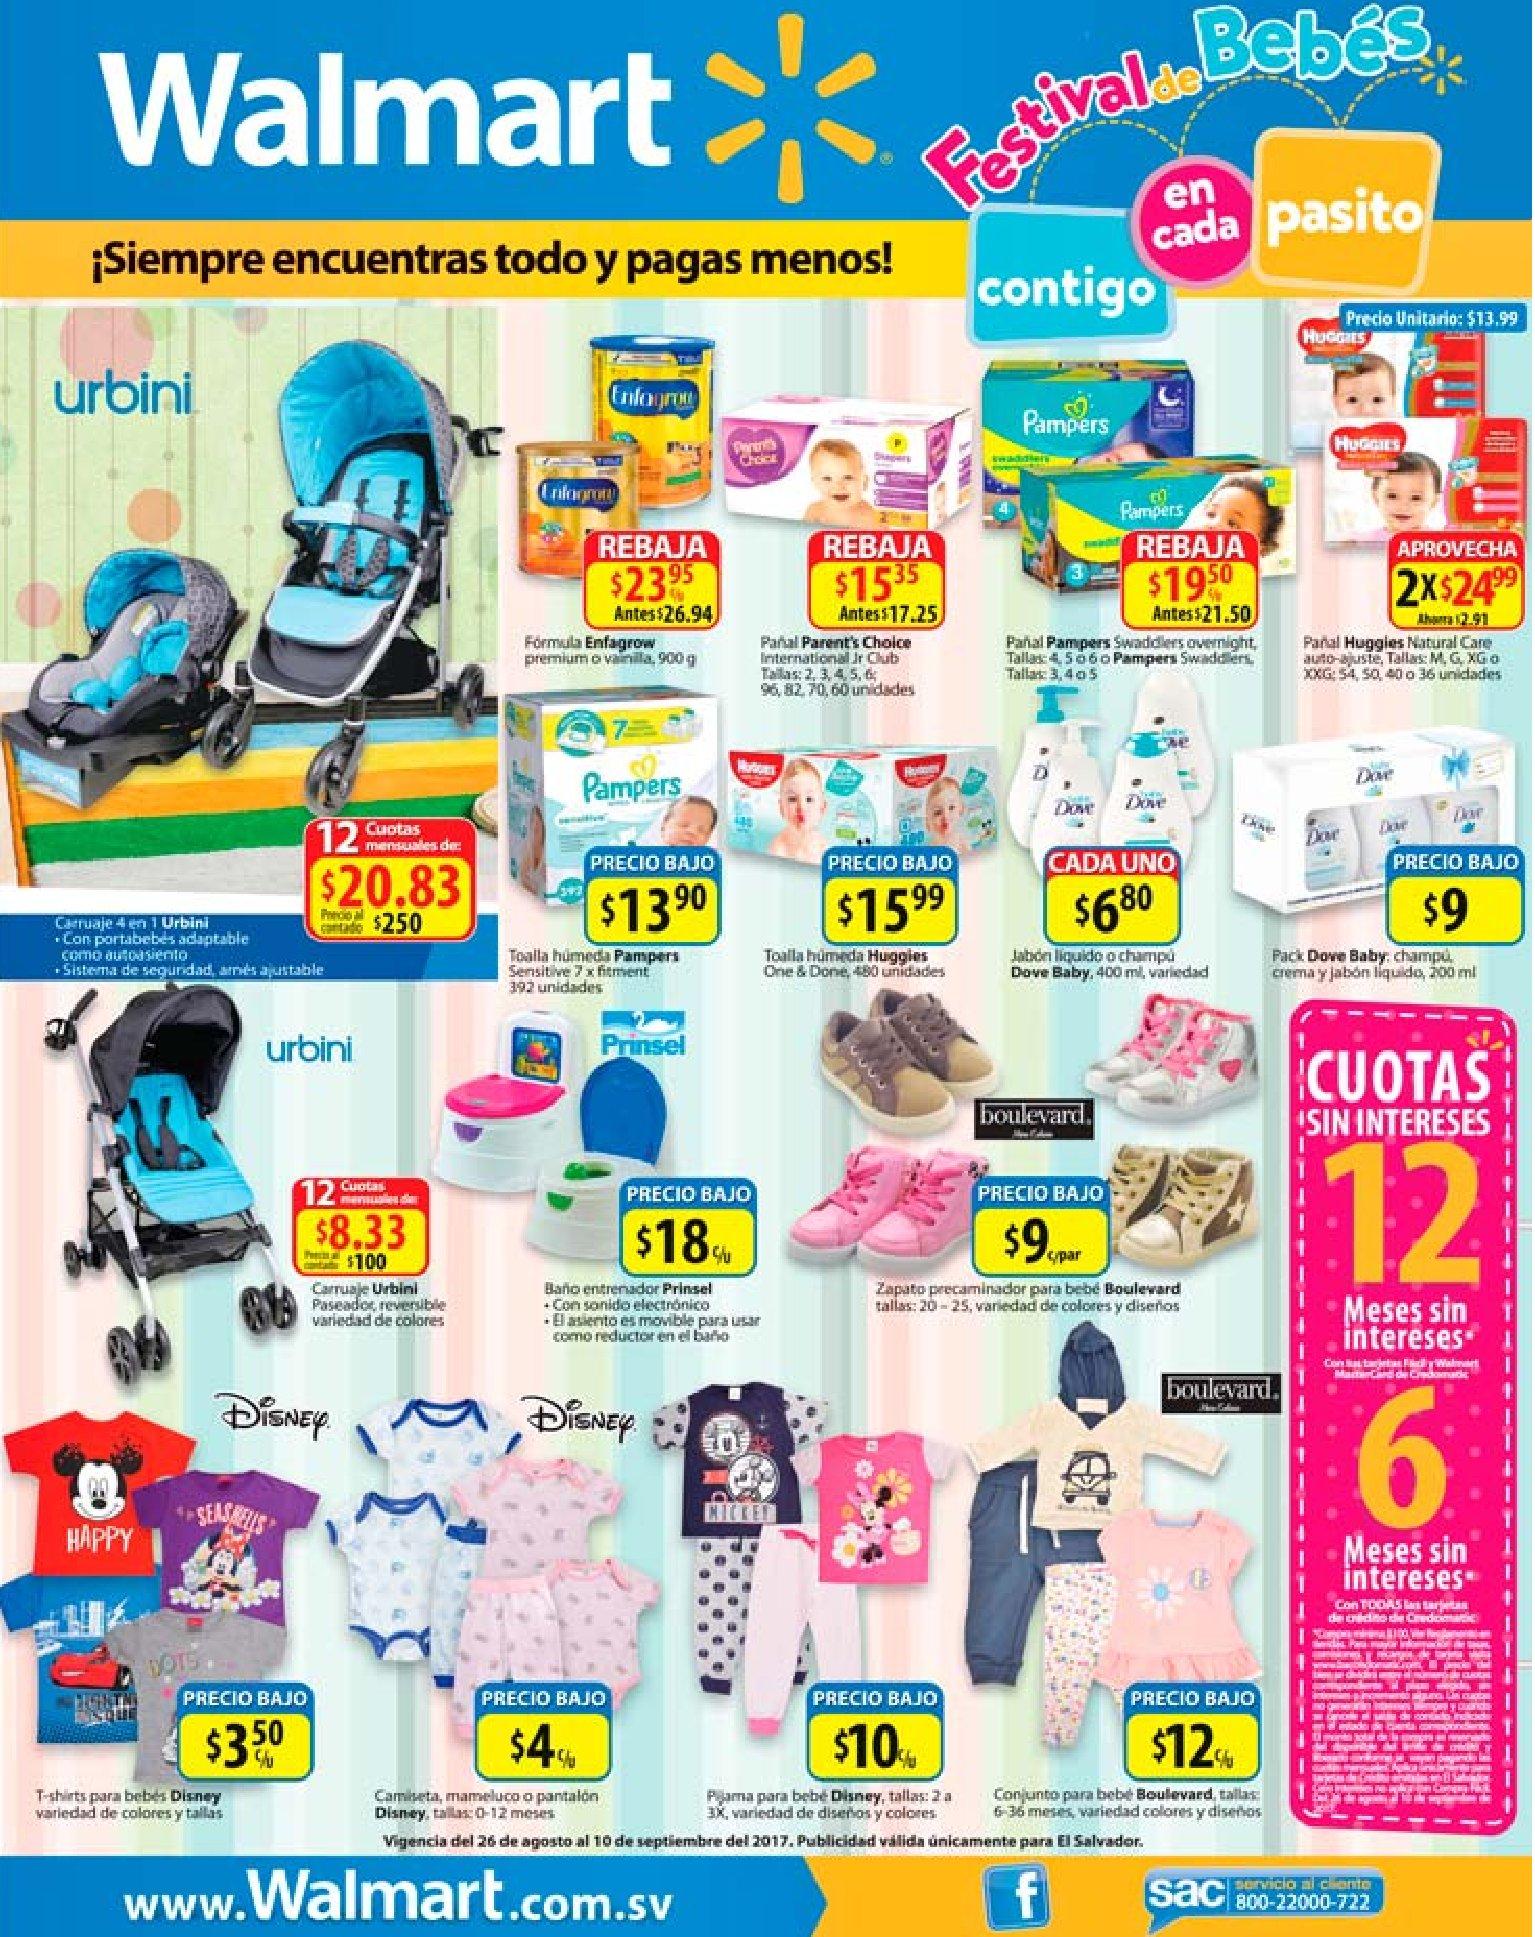 WALMART Productos y accesorios para bebes este finde - Ofertas Ahora eba12d7acf2